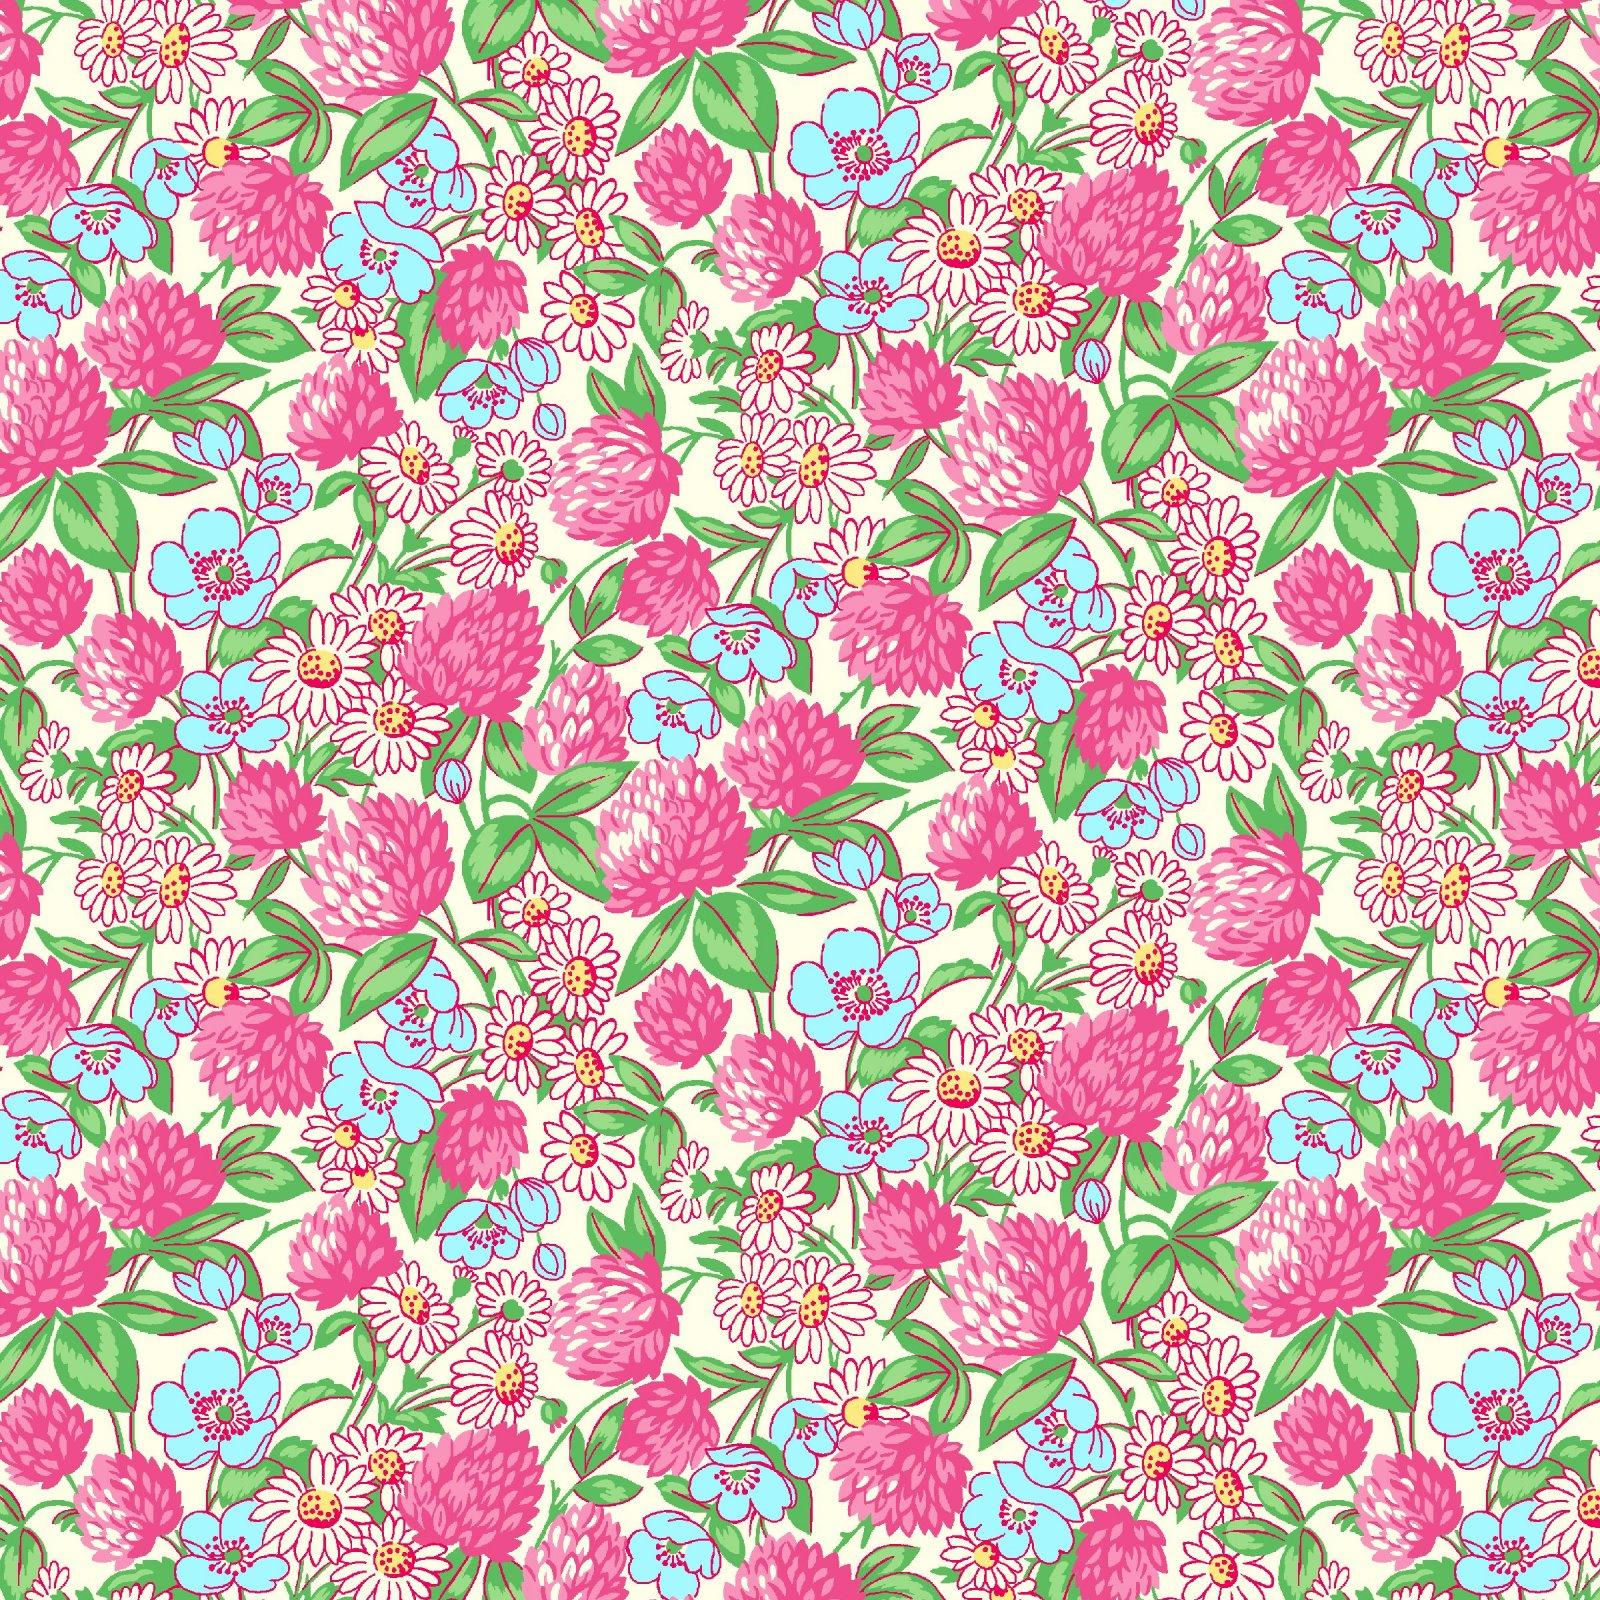 HG-Nana Mae V 9687-2 Pink - Clover and Daisies